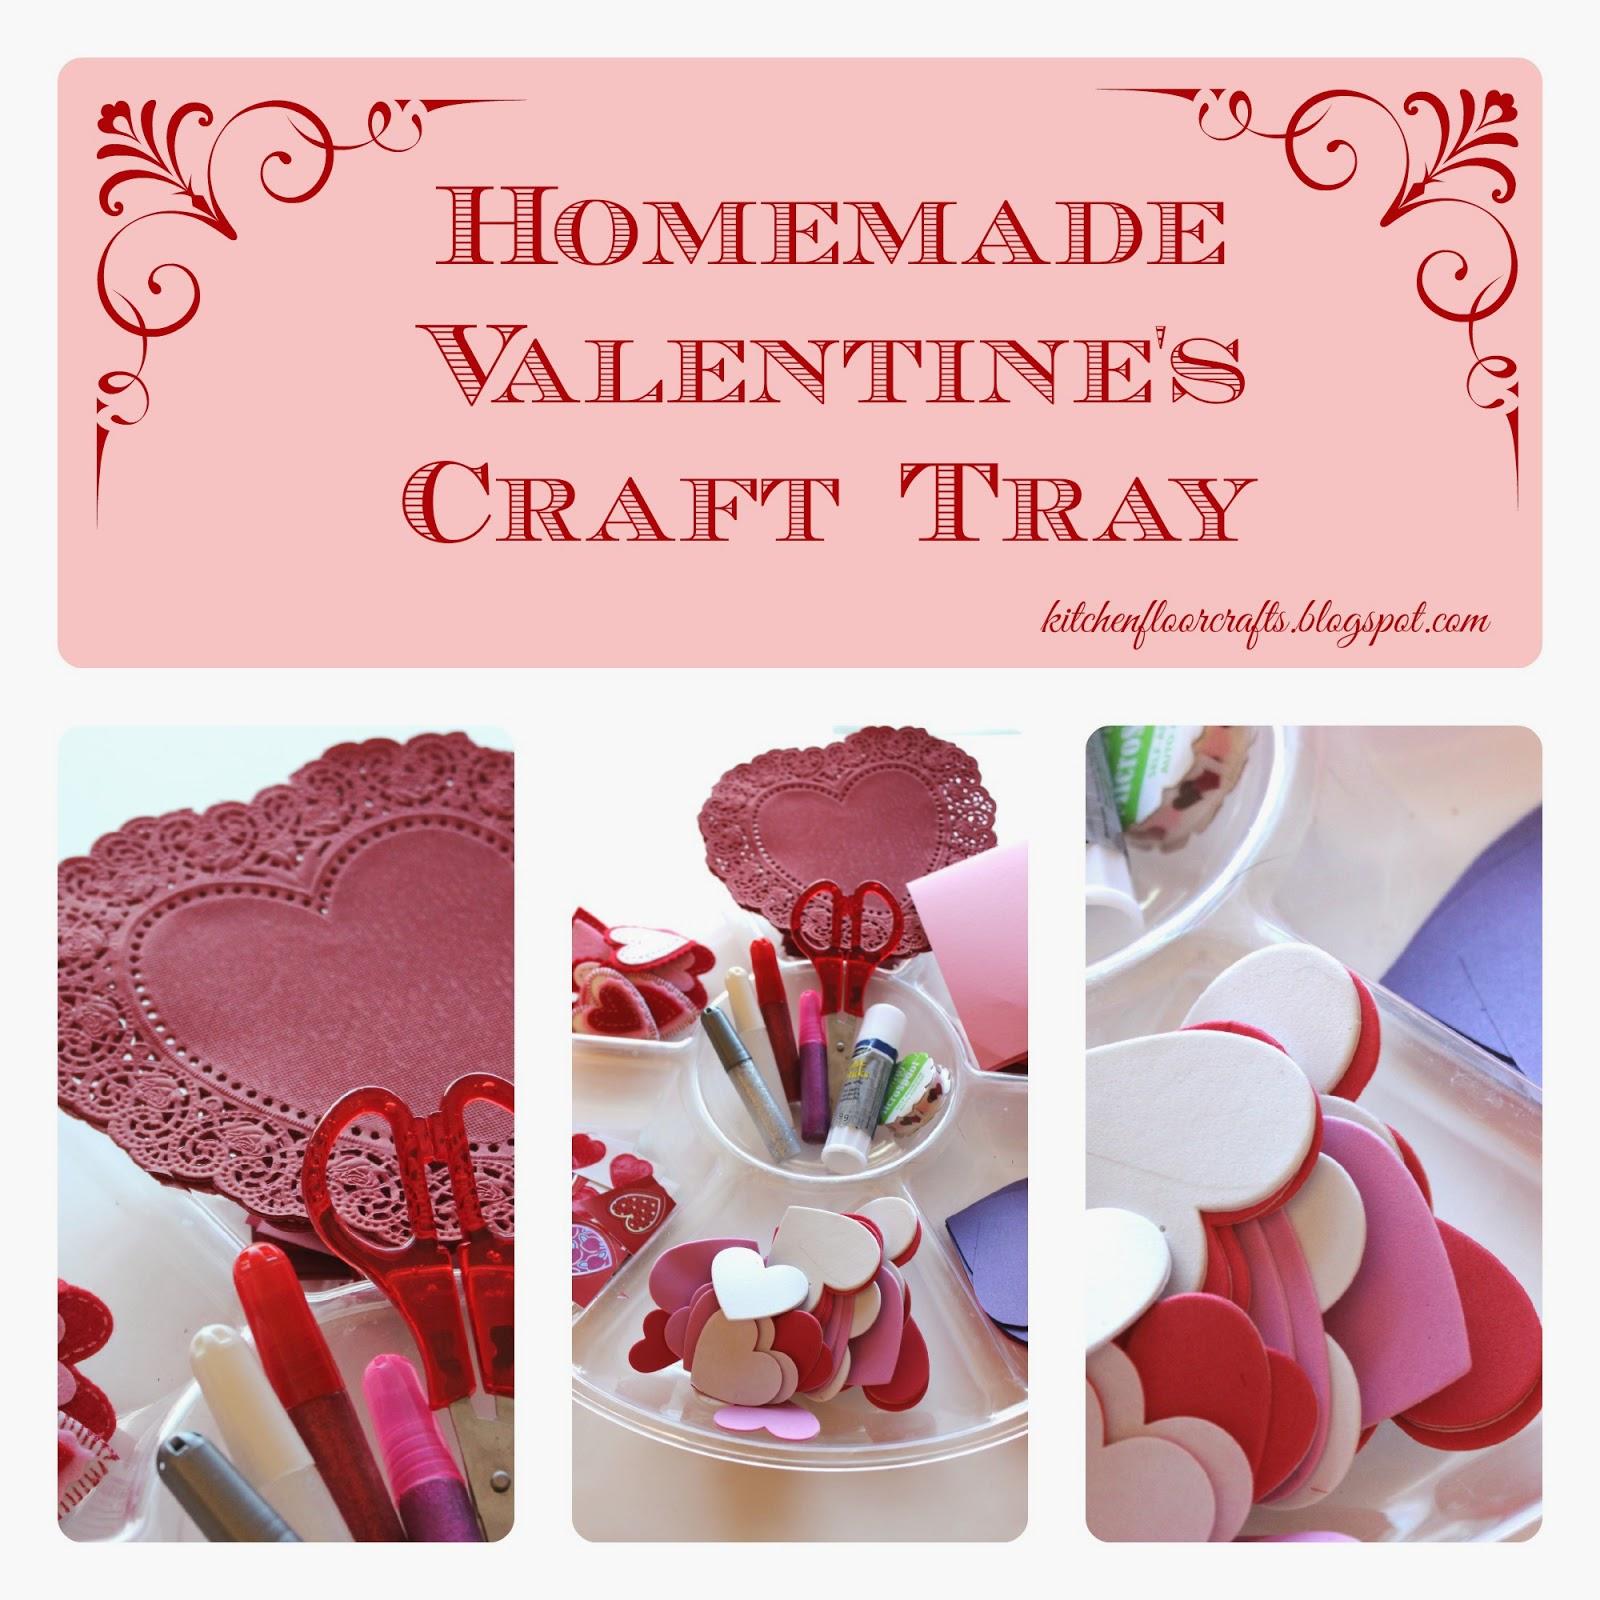 Book Cover Handmade Valentines : Kitchen floor crafts homemade valentine s craft tray